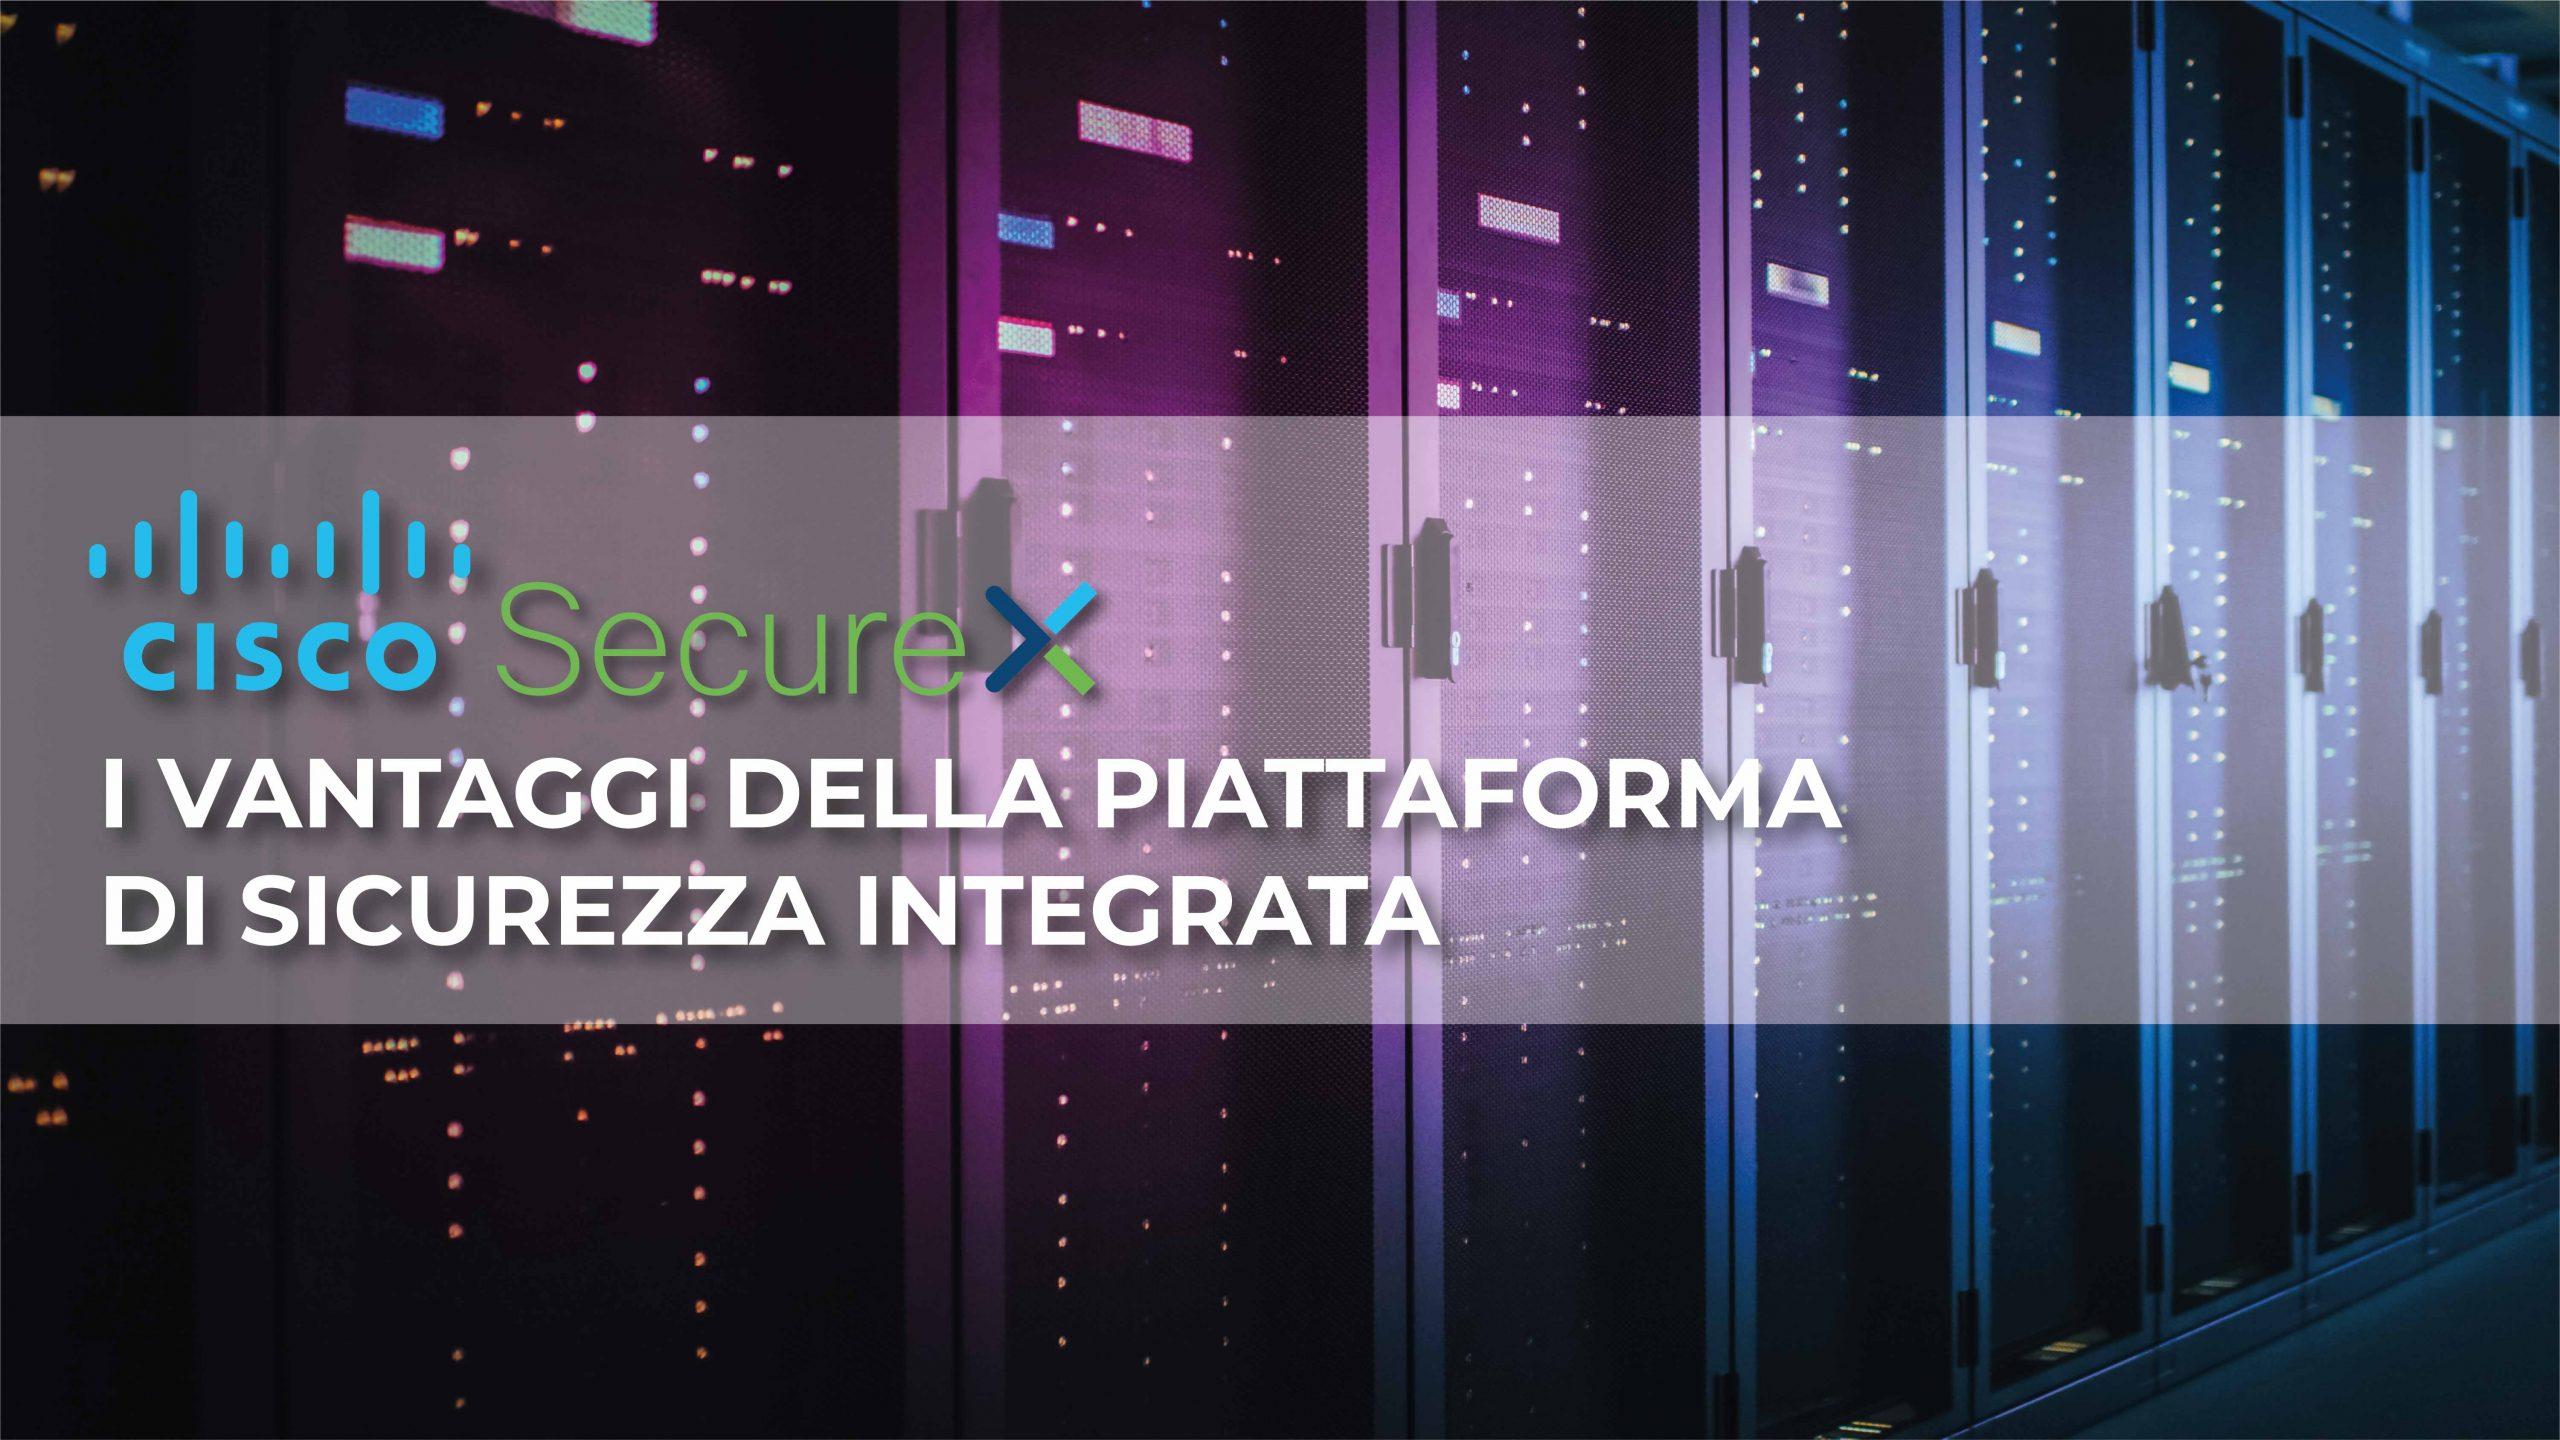 Cisco SecureX: 3 vantaggi della piattaforma di sicurezza integrata